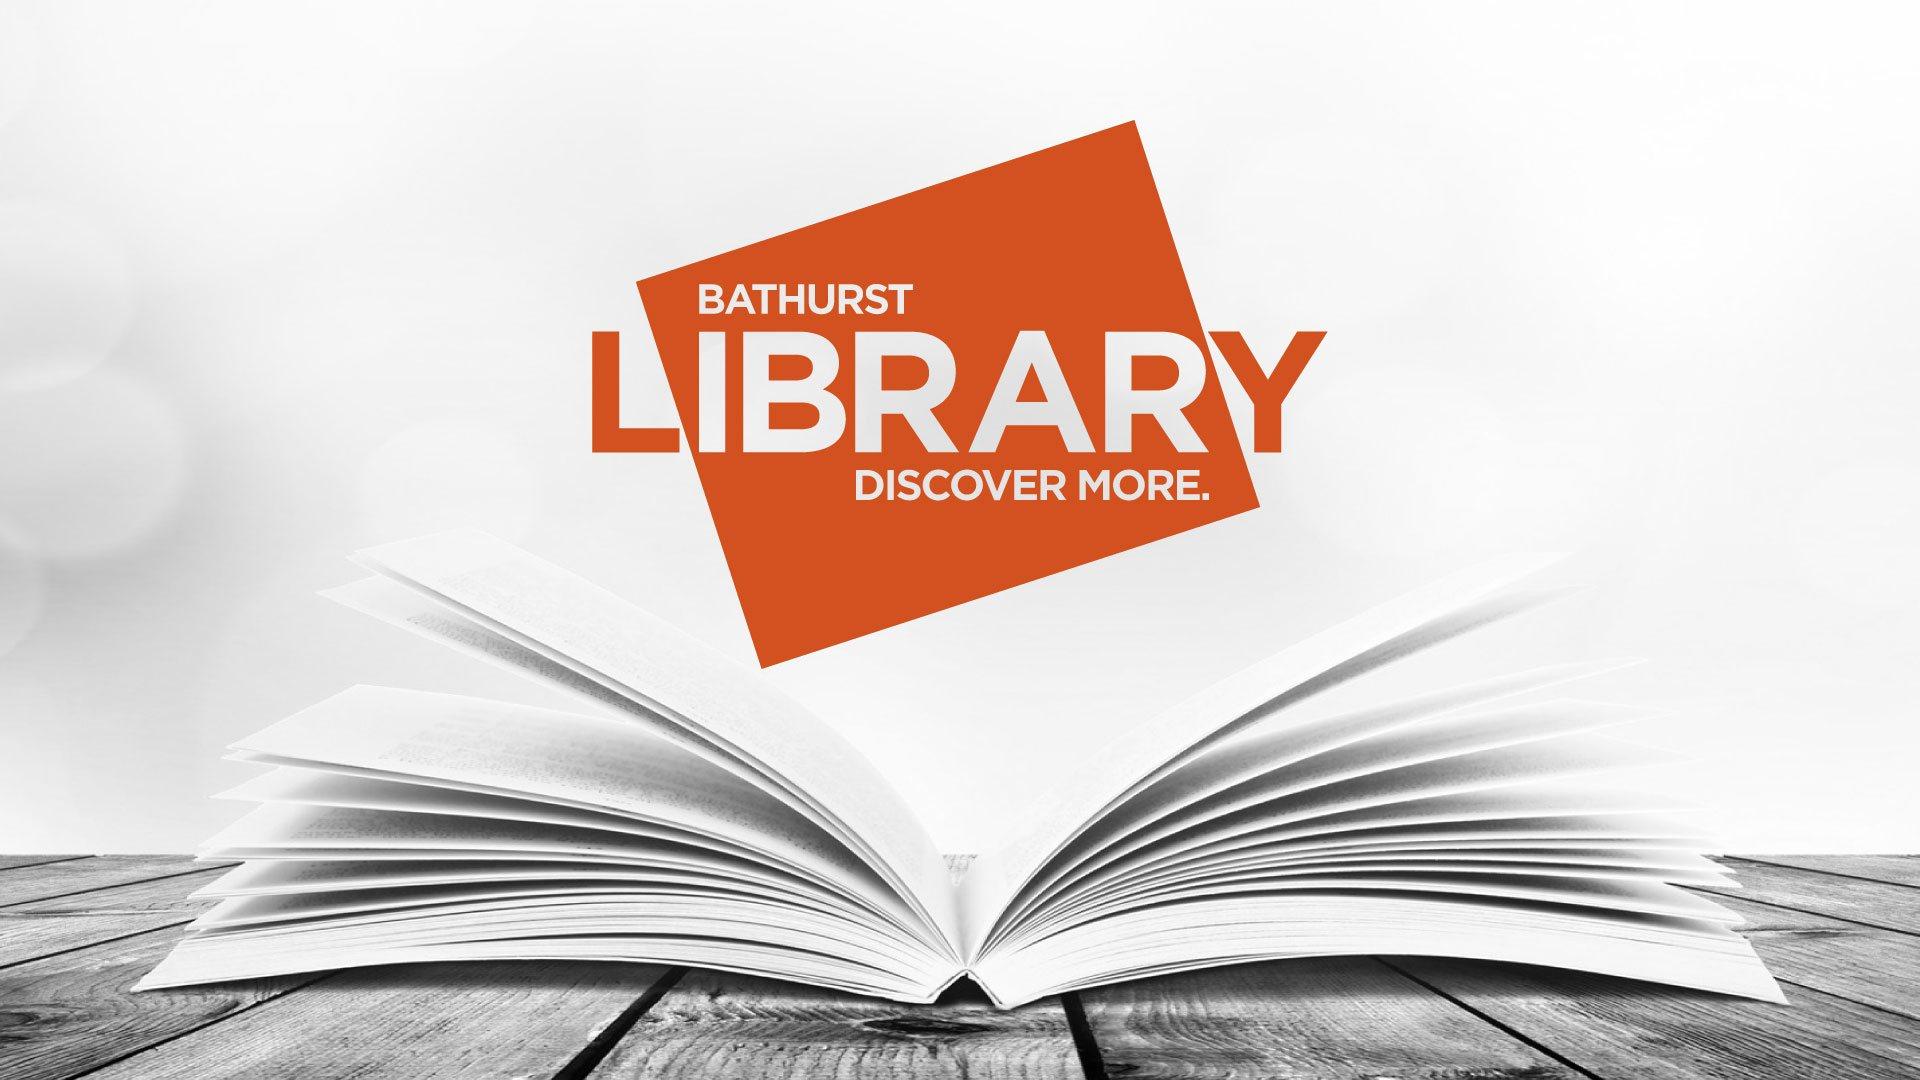 Portfolio - Bathurst Library Logo | StartleArt Graphic Design